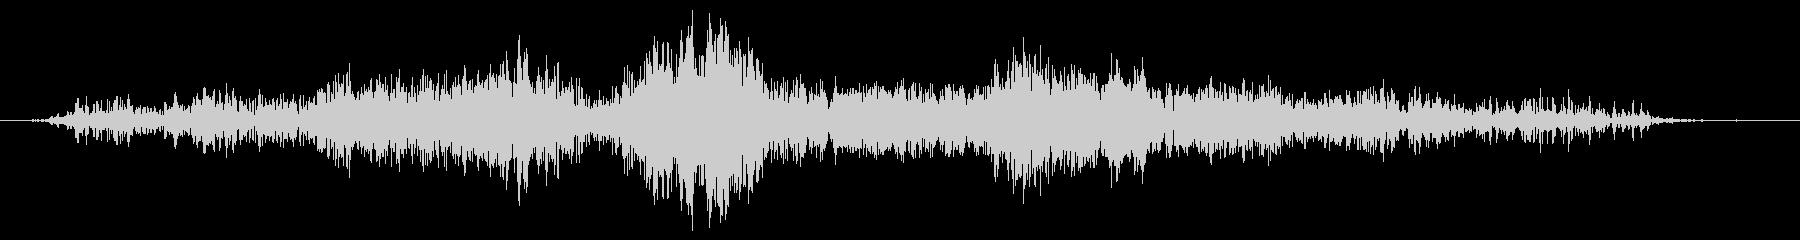 長いファスナーの音の未再生の波形